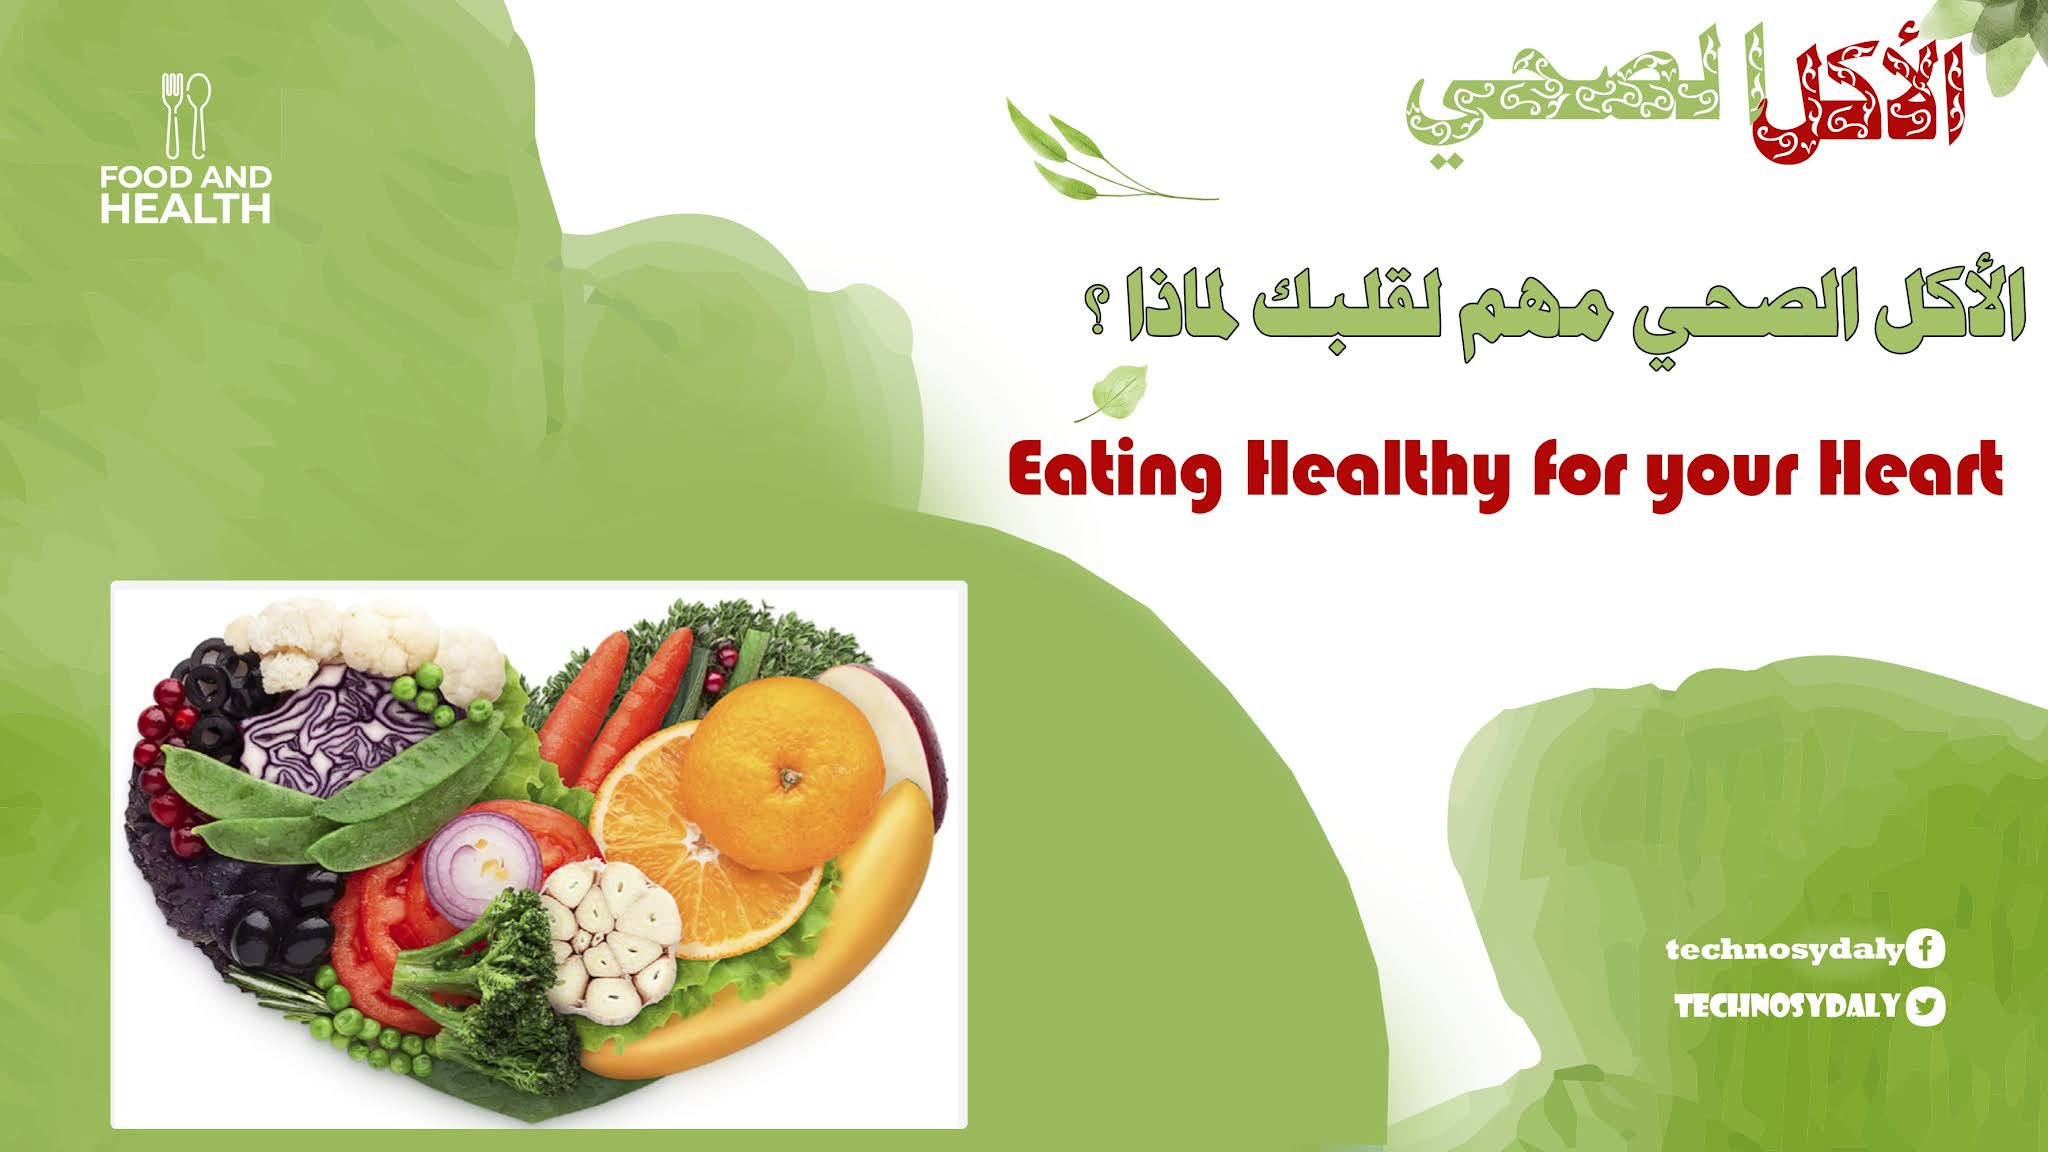 الأكل الصحي مهم لقلبك لماذا ؟ Eating Healthy for your Heart